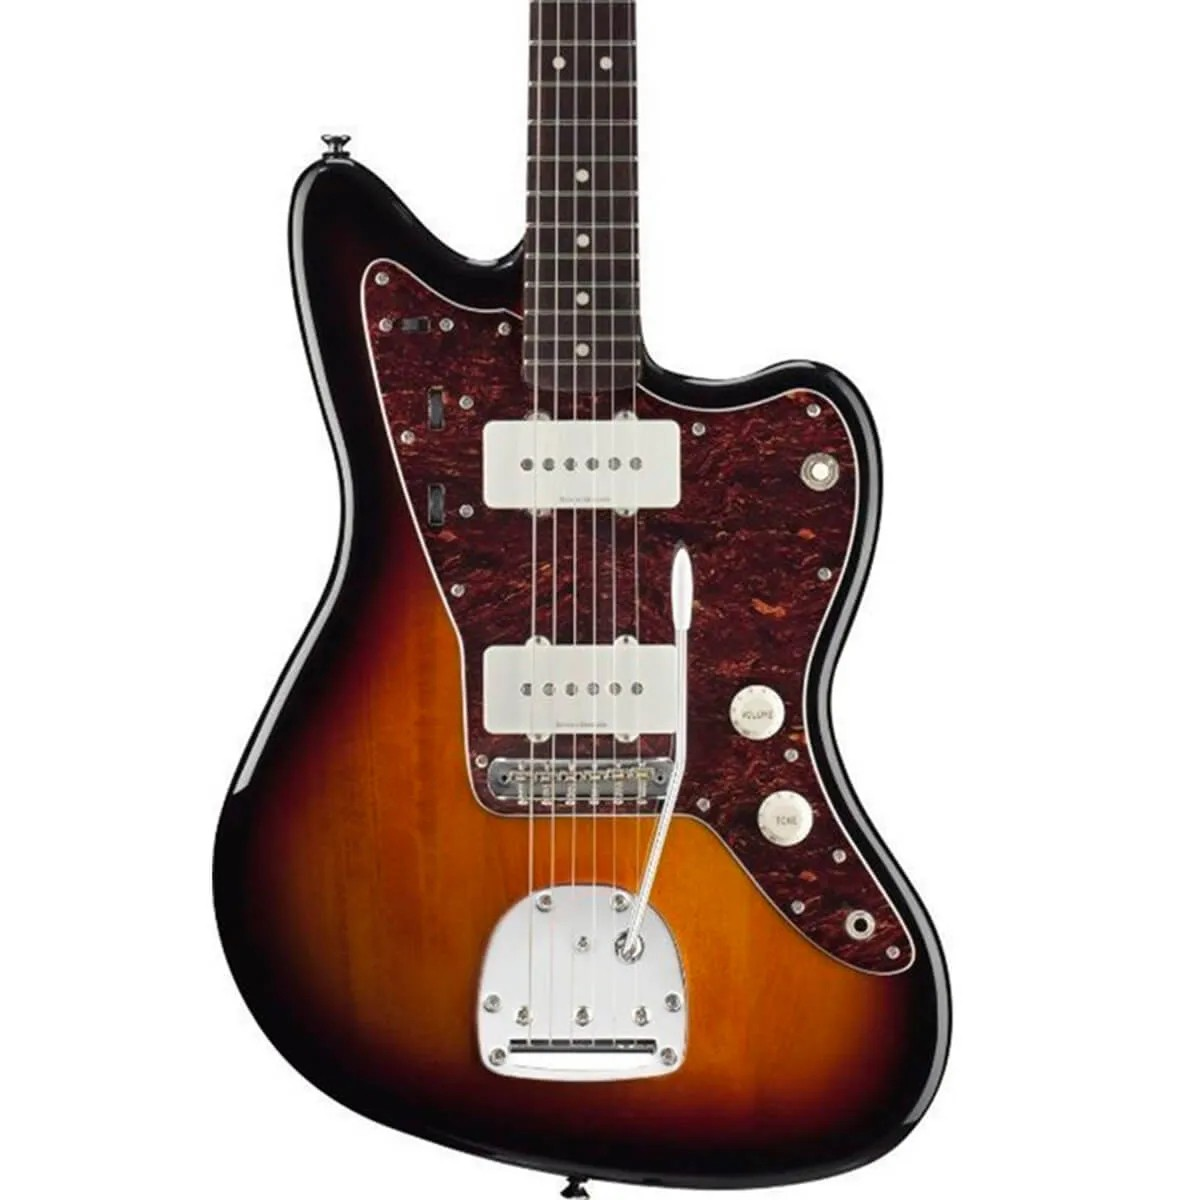 Guitarra Fender Squier Vintage Modified JazzMaster Sunburst